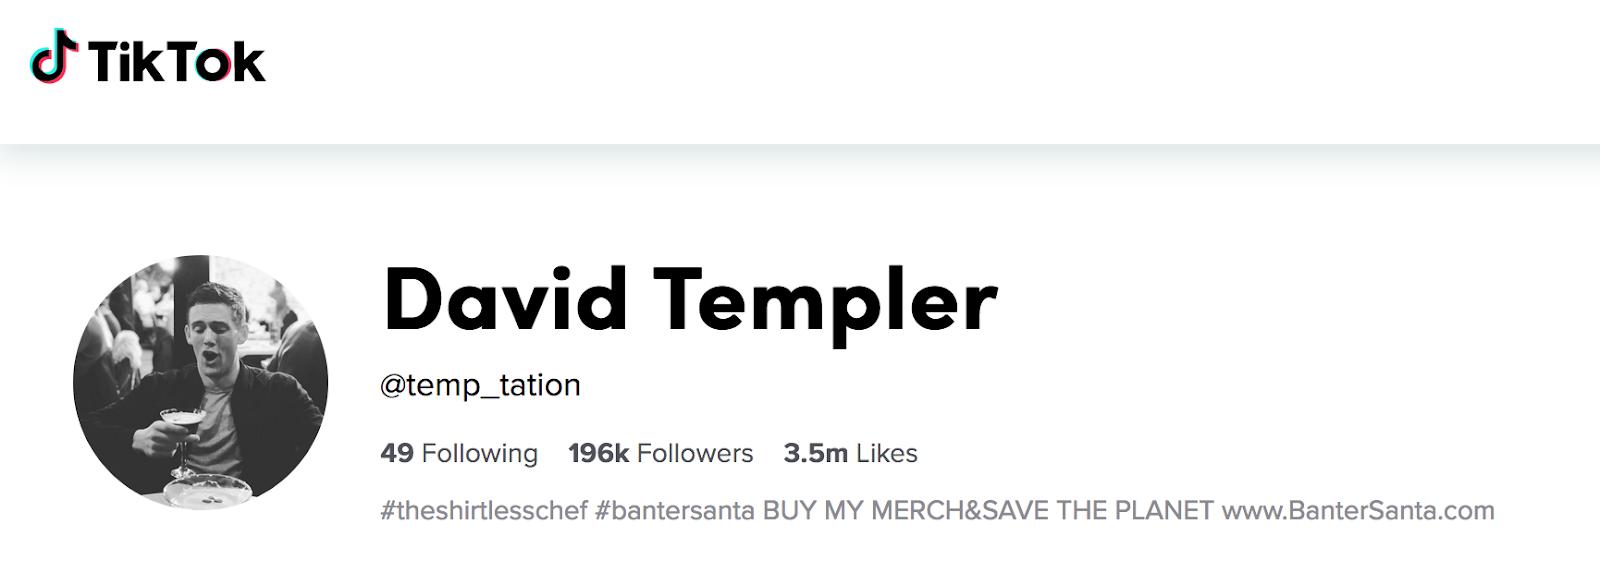 David Templer | TikTok Cooking Influencer